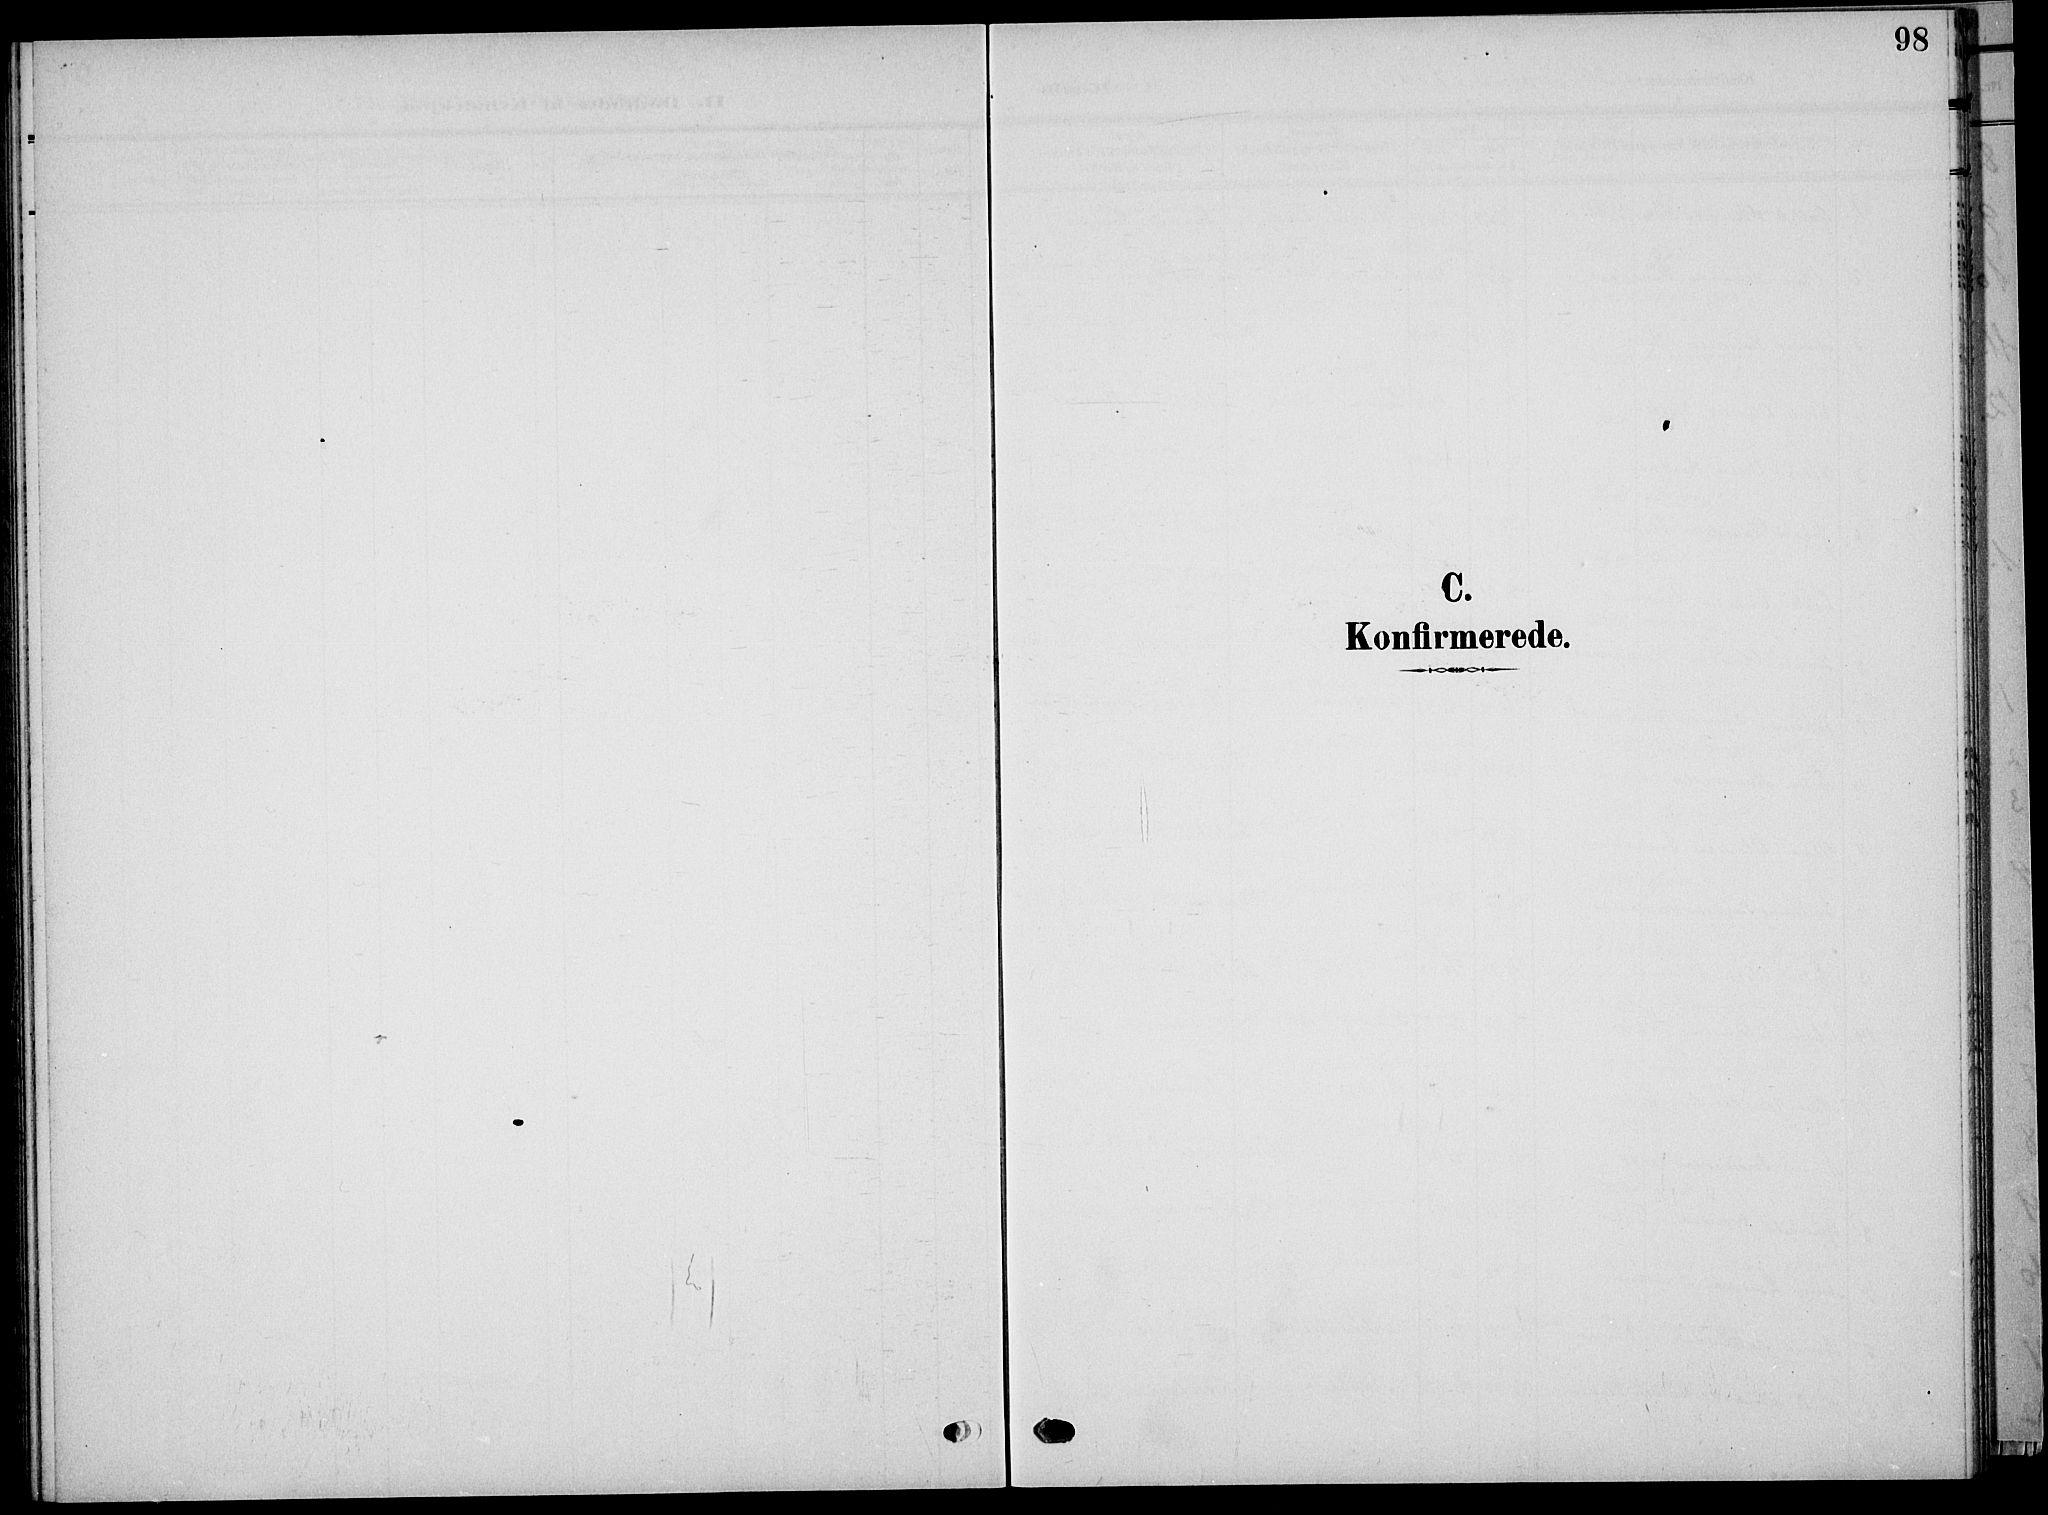 SAKO, Sauherad kirkebøker, G/Ga/L0004a: Klokkerbok nr. I 4, 1906-1934, s. 98